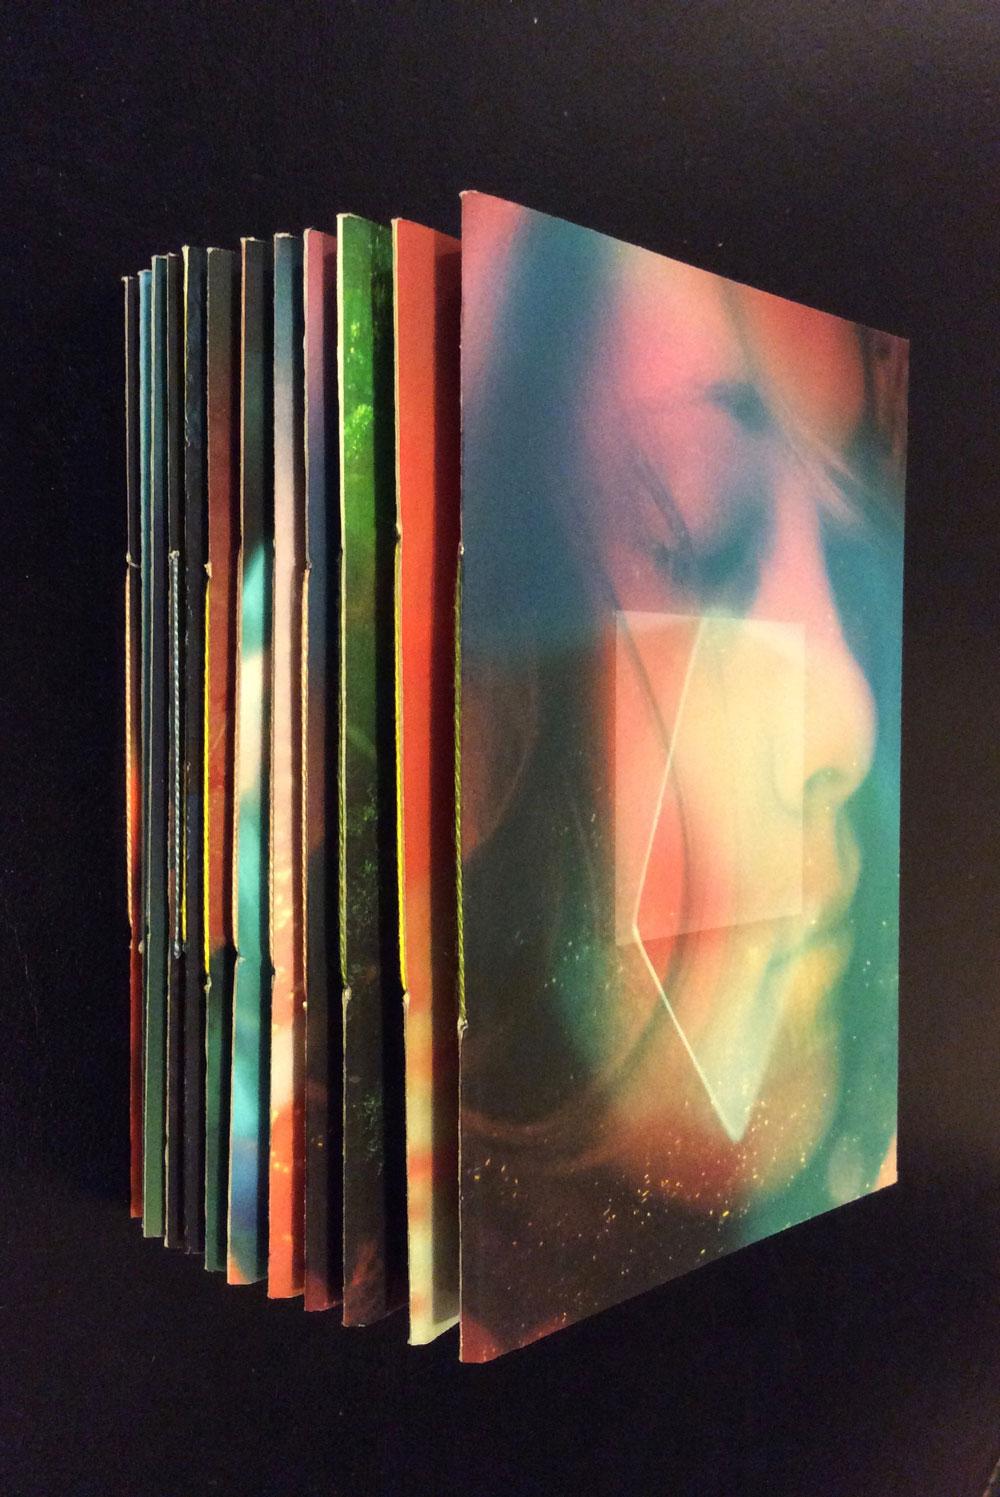 Carnet d'artiste, photographies de Claire Jolin, production Orange Claie